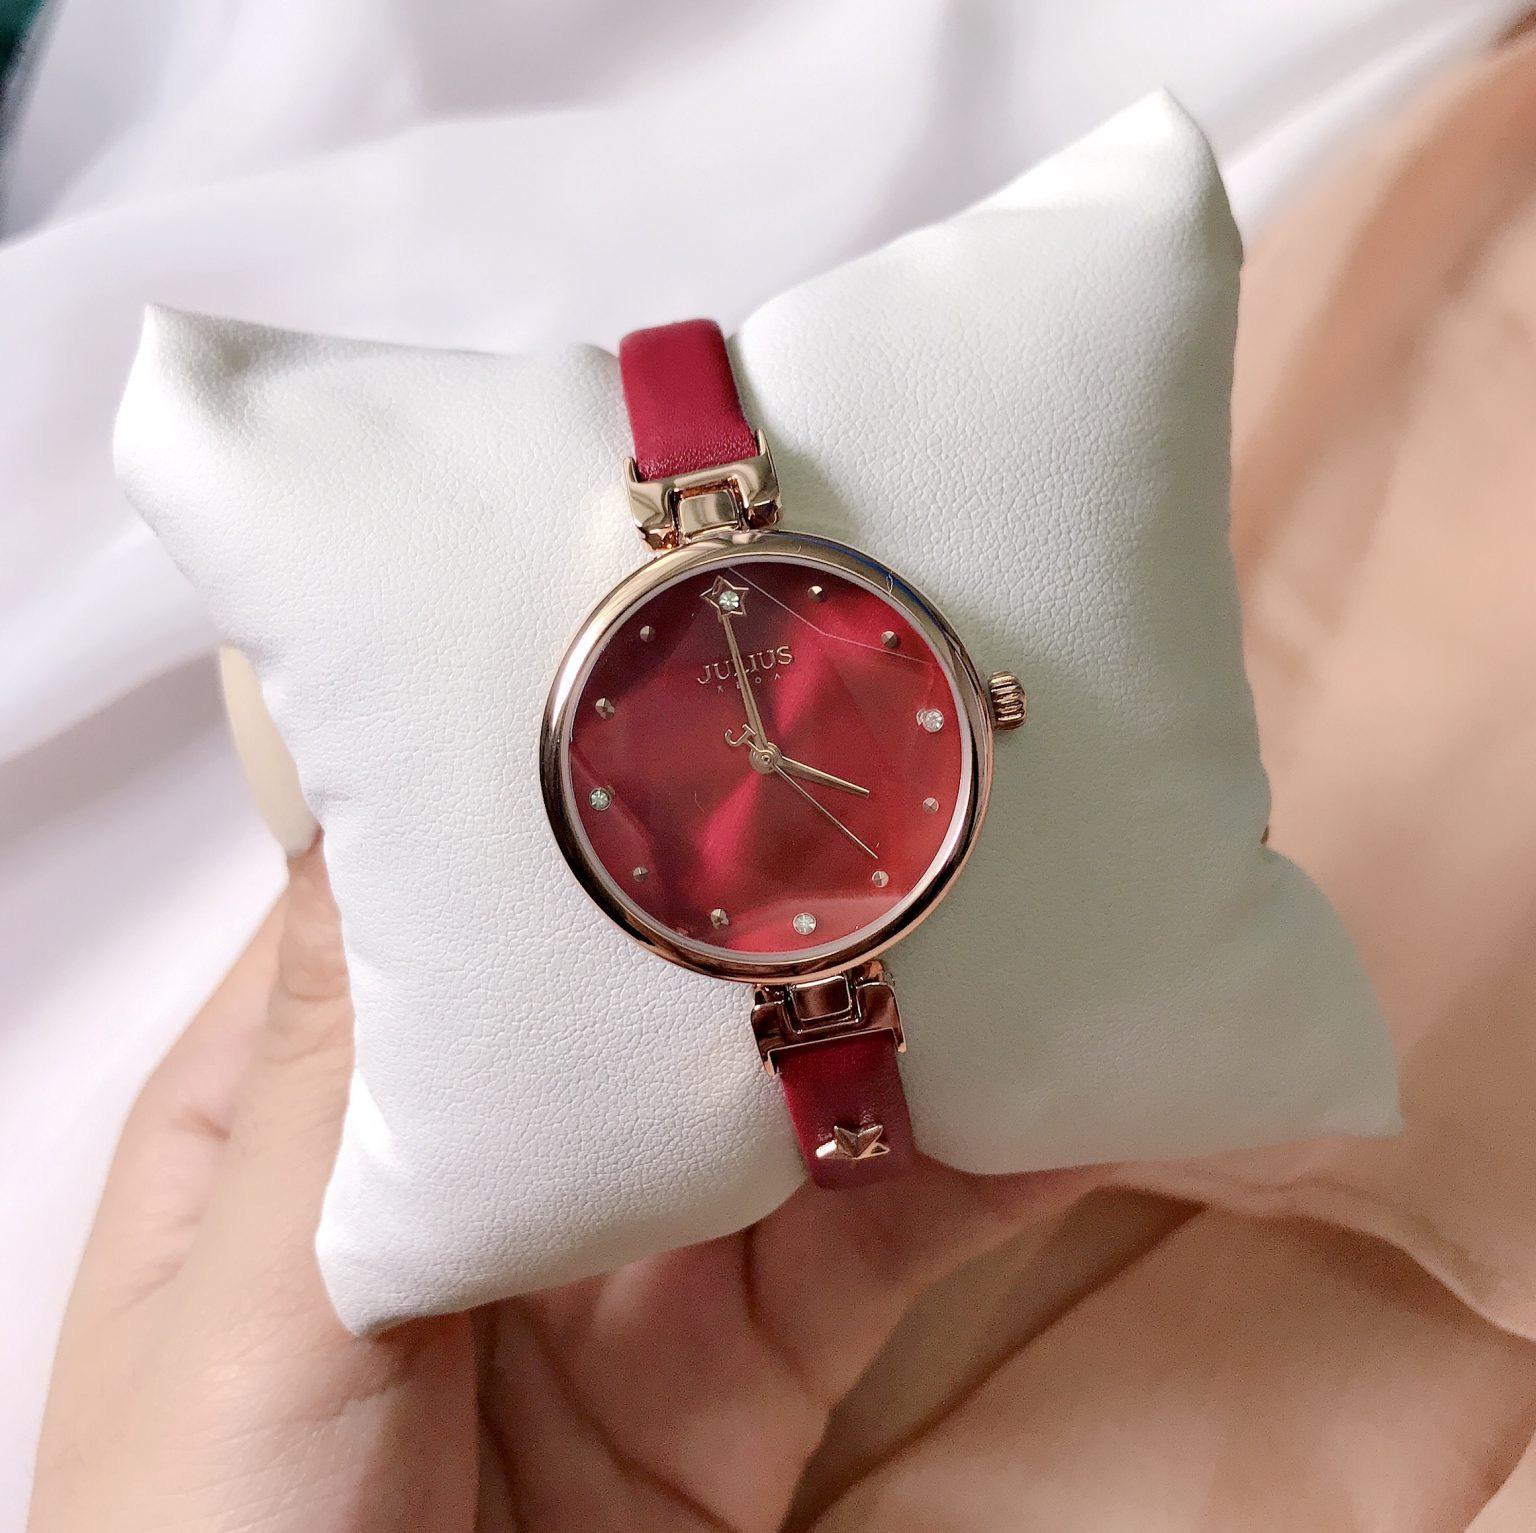 Đồng hồ chính hãng Julius